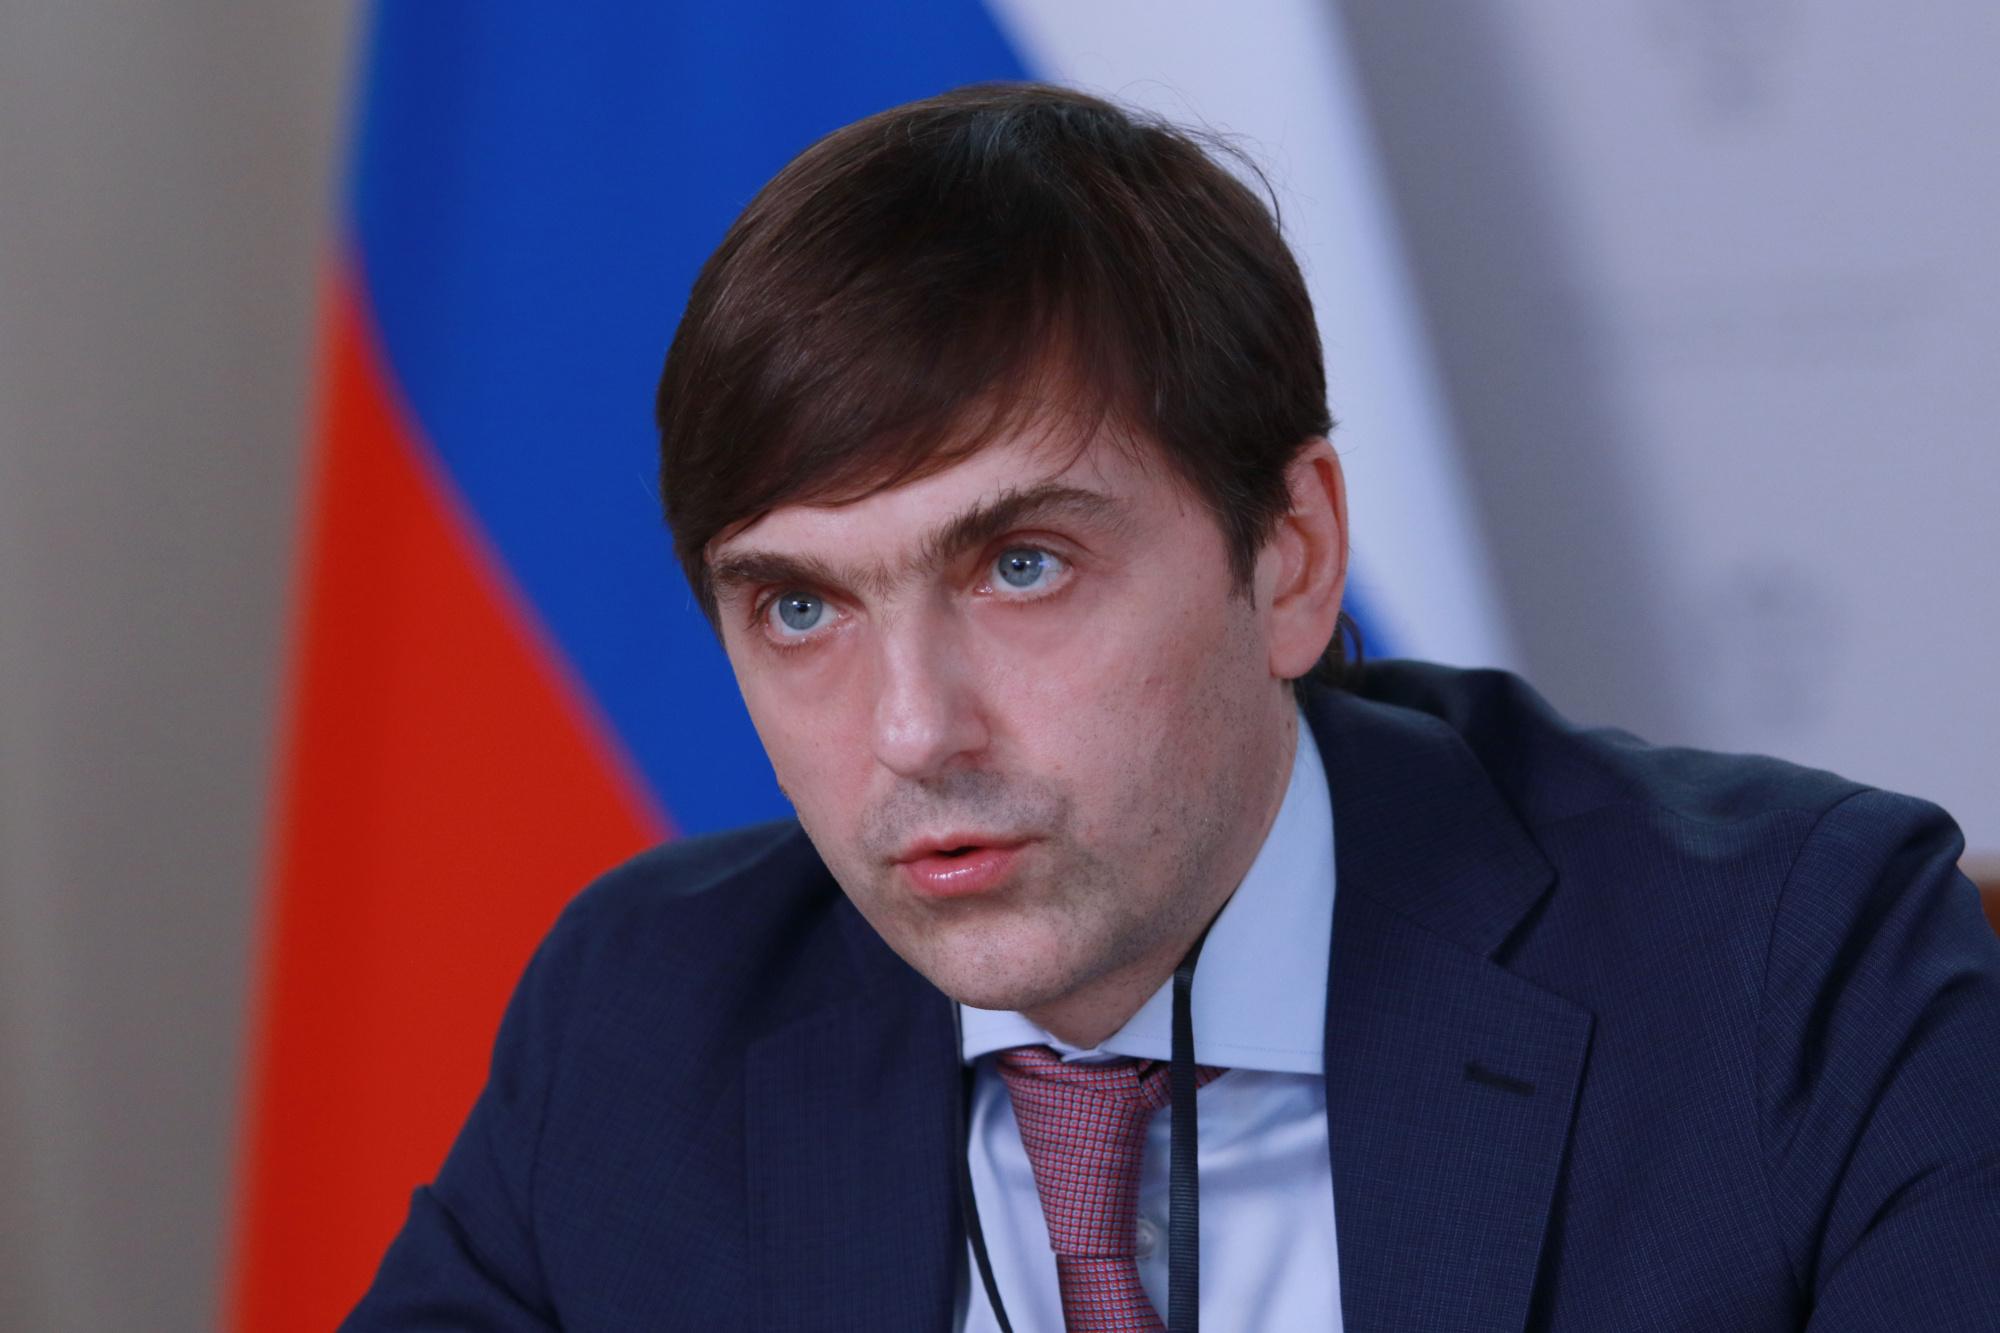 sergej-kravtsov-rasskazal-o-klyuchevyh-prioritetah-sovremennoj-molodyozhi